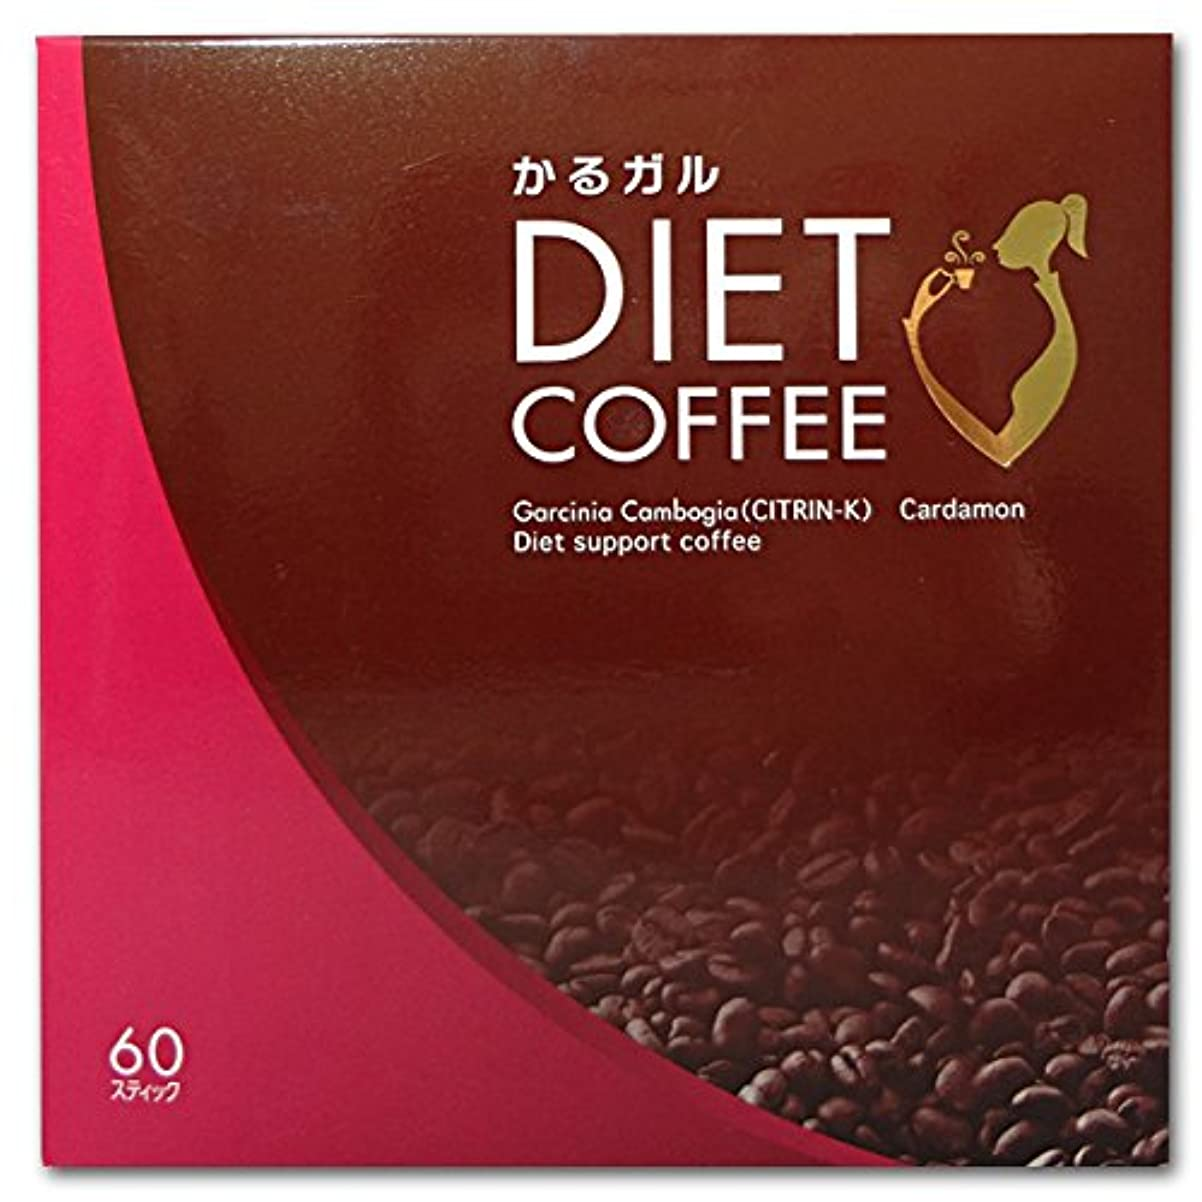 パーツちょうつがい悪のエル?エスコーポレーション カルがるDIET COFFEE(ダイエットコーヒー) 60袋